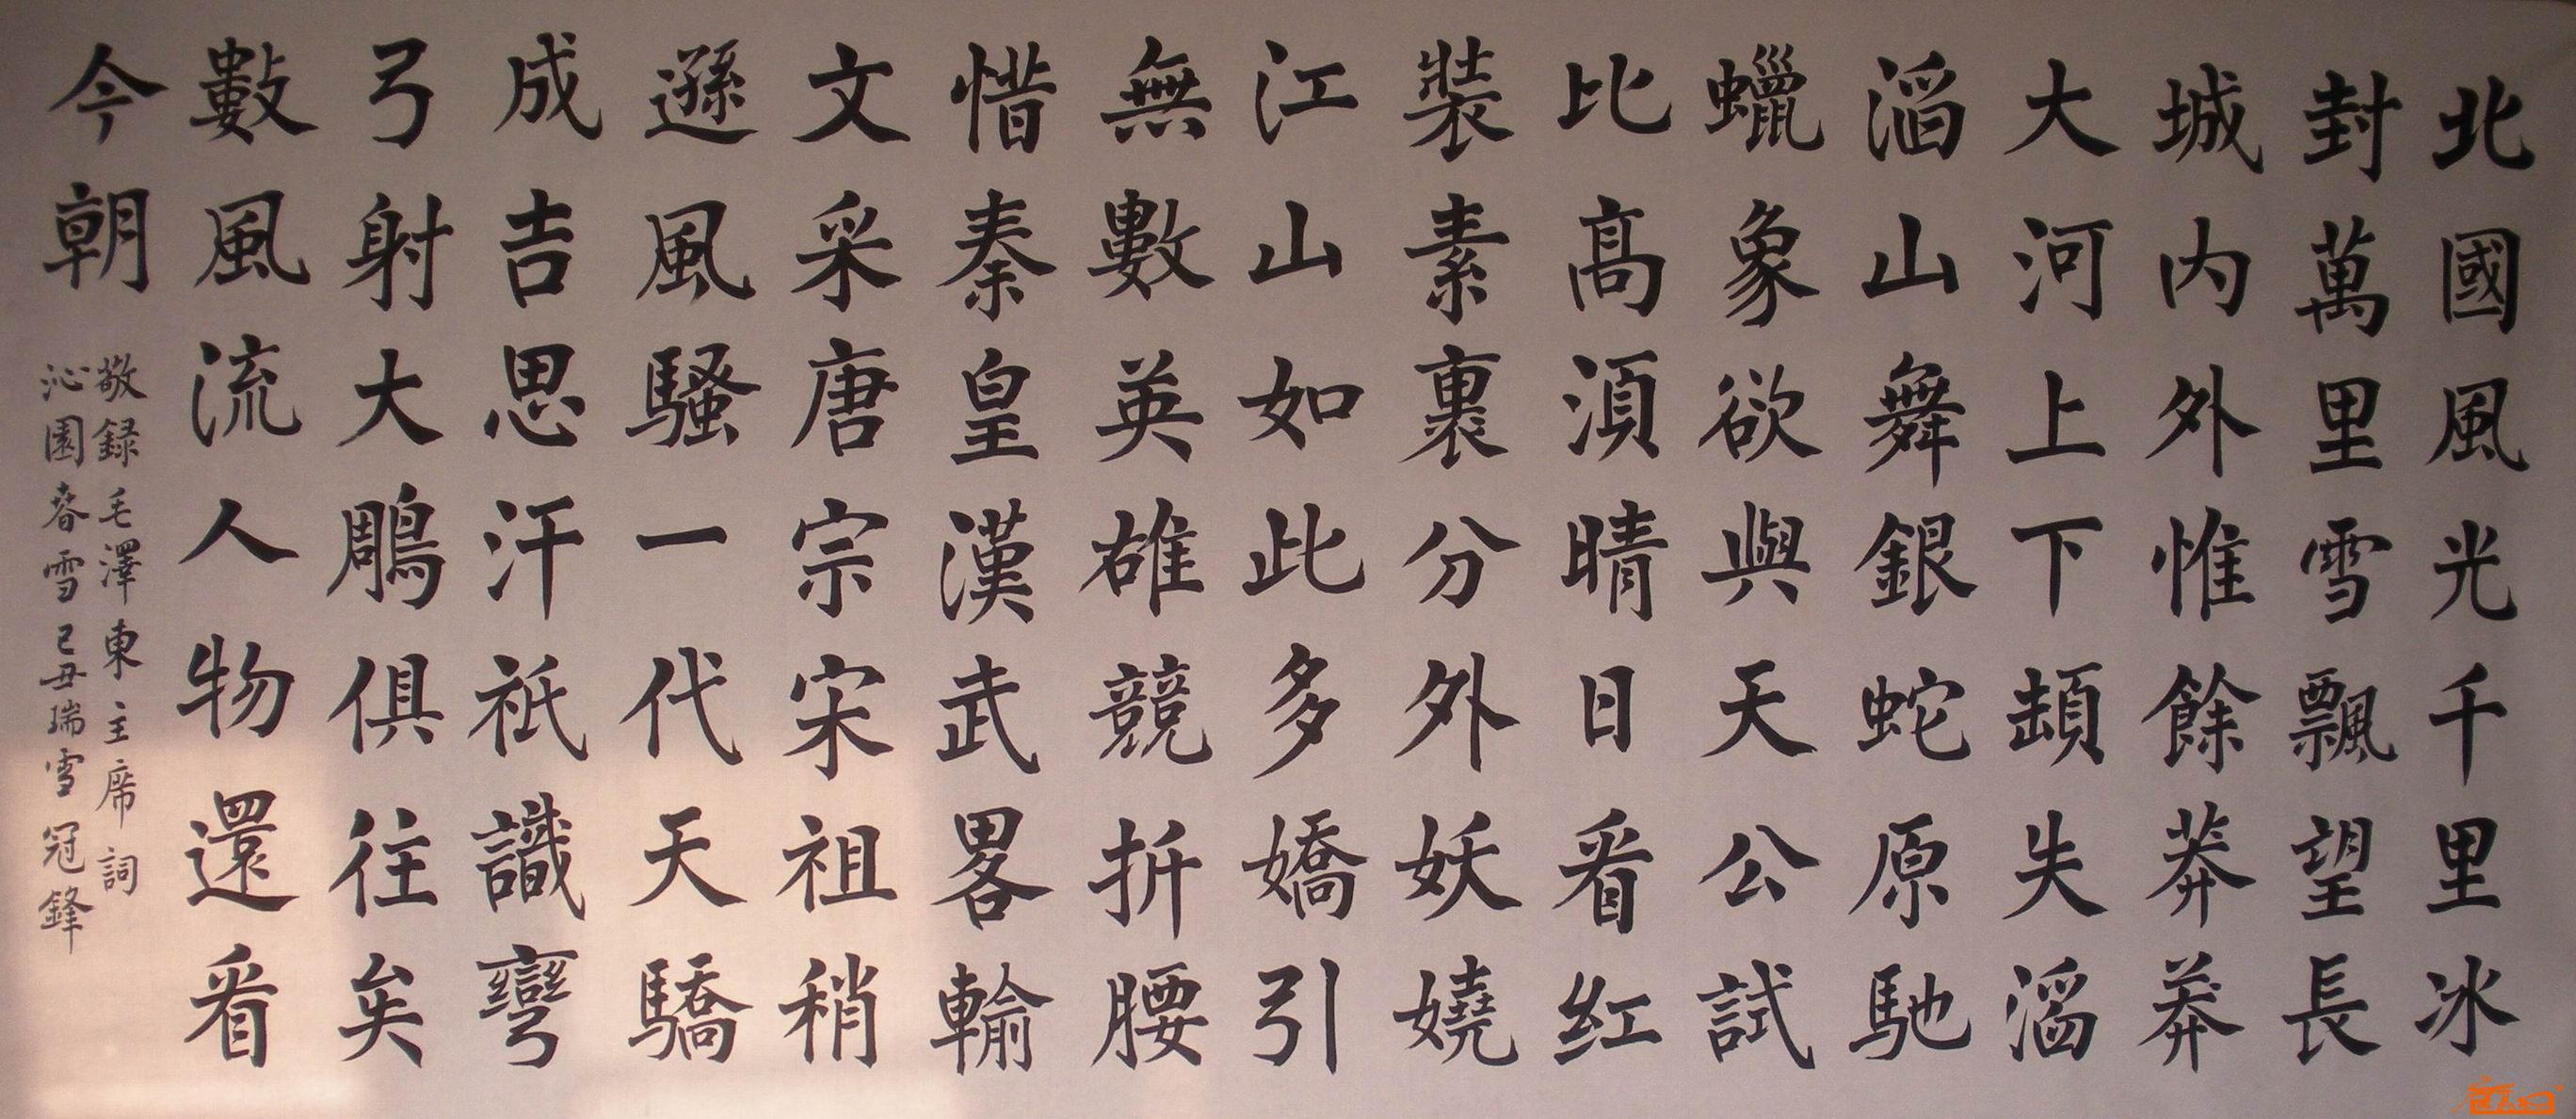 楷书   毛主席诗词《沁园春·雪》  -沁园春雪